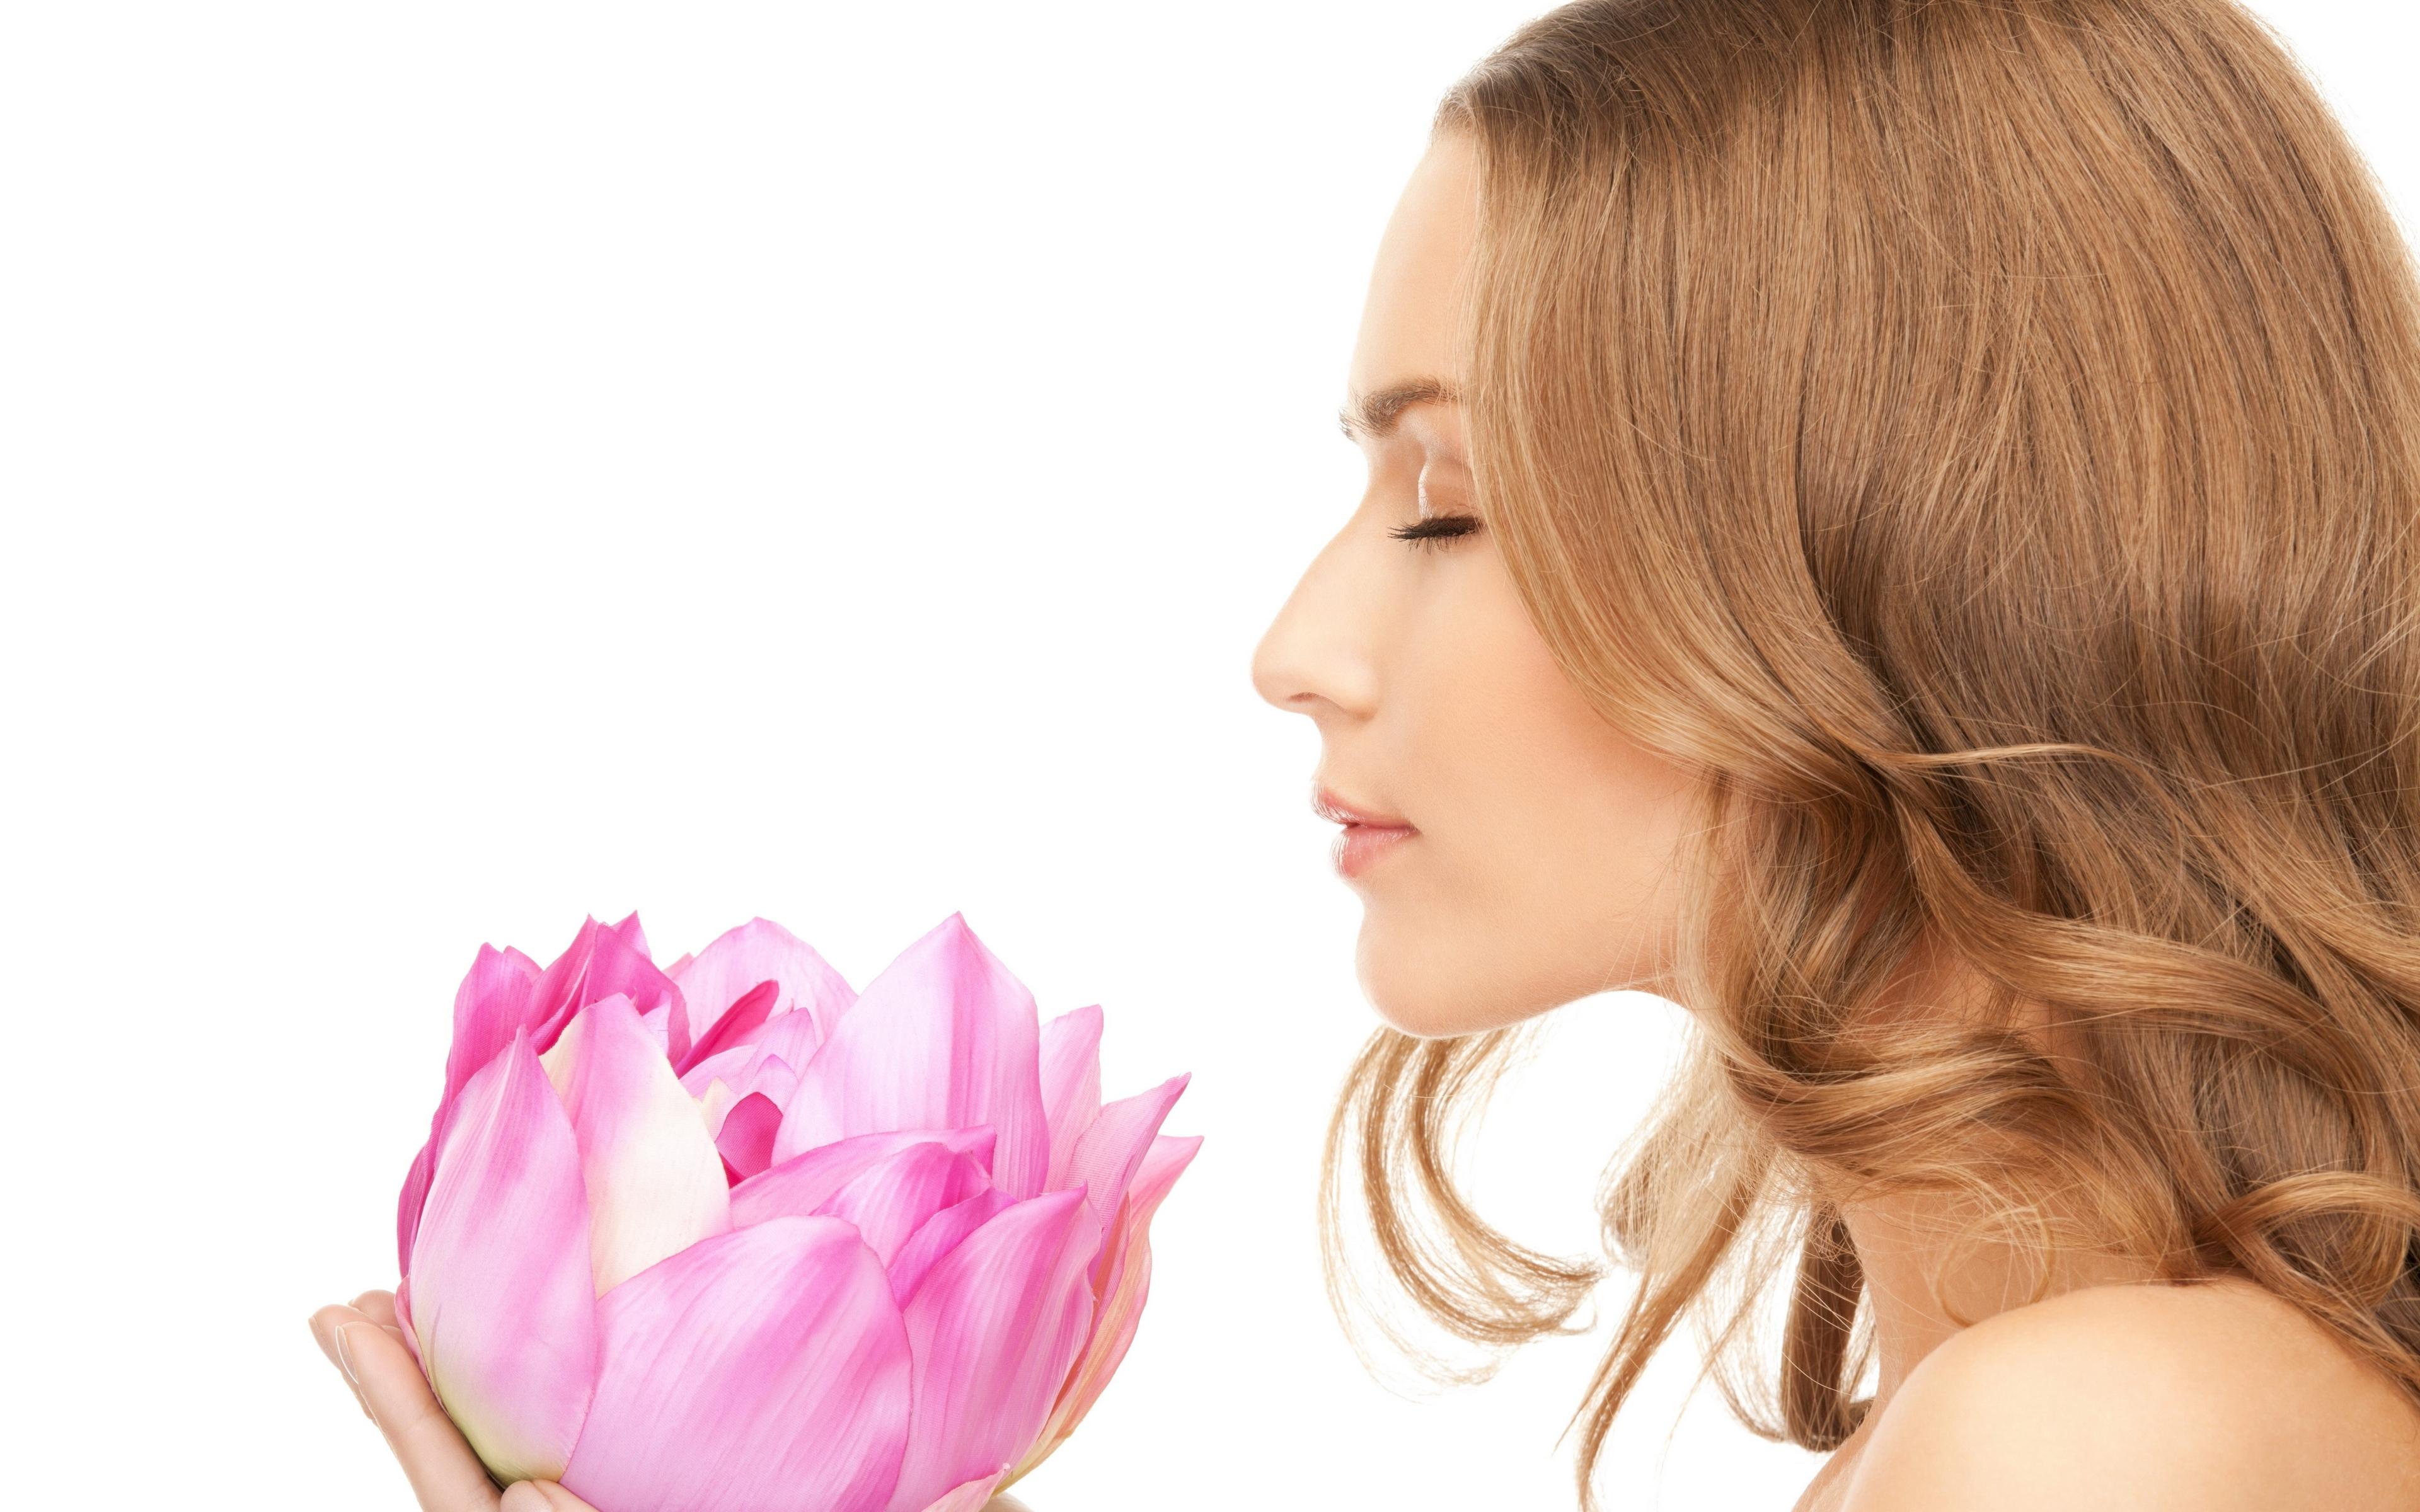 проекты домов картинки запахи цветов такого источника